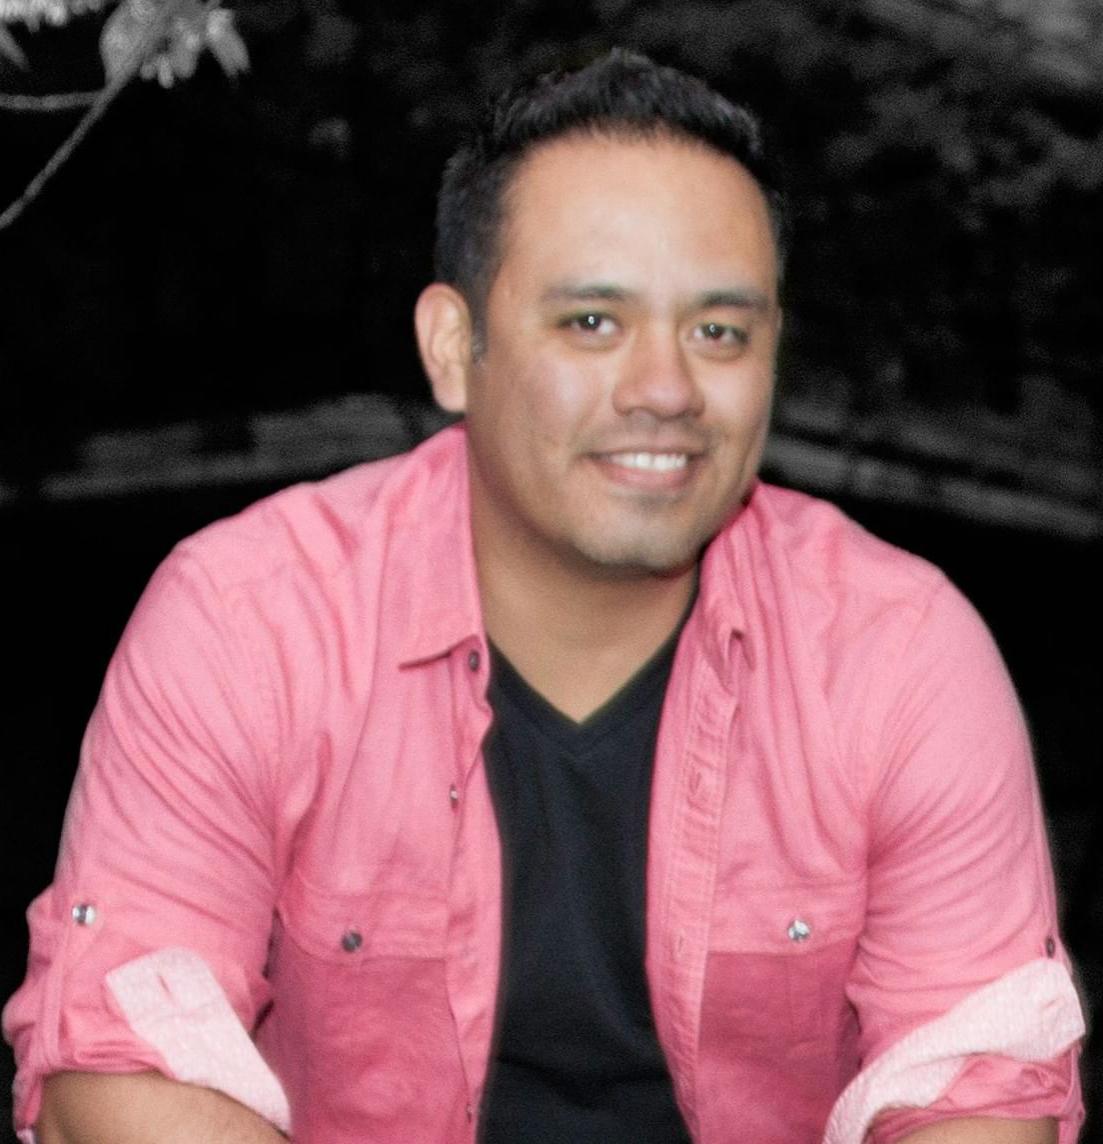 Joel Dominguez